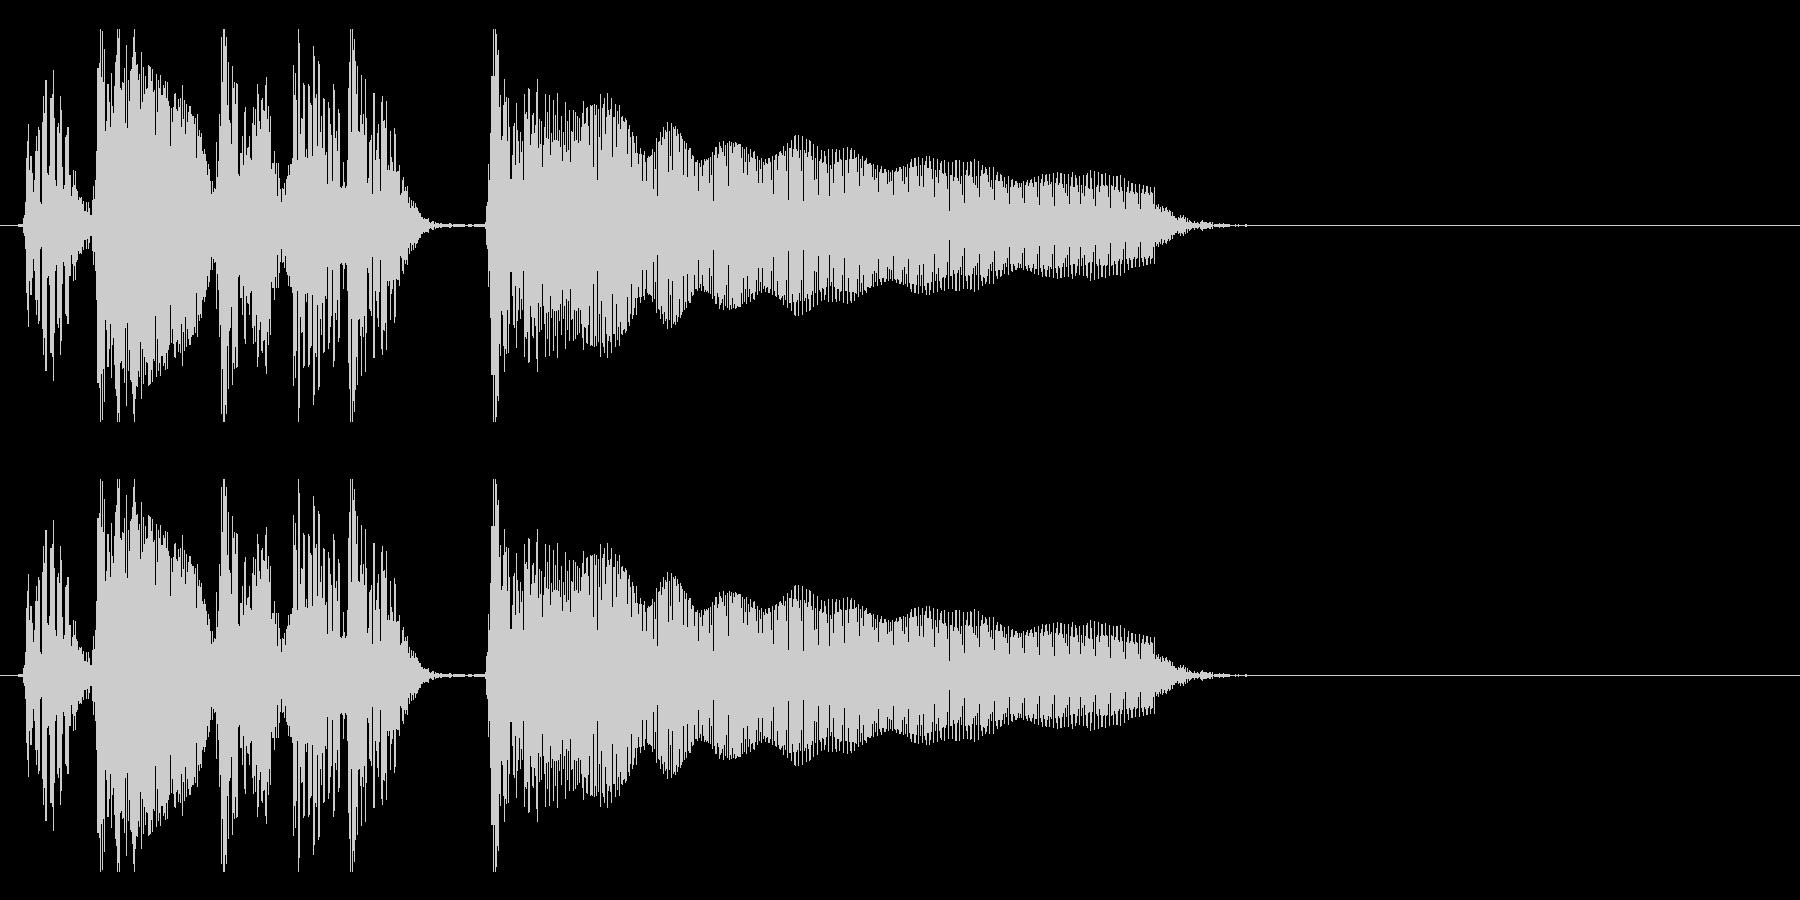 アップライトベース 場面切り替わる2の未再生の波形